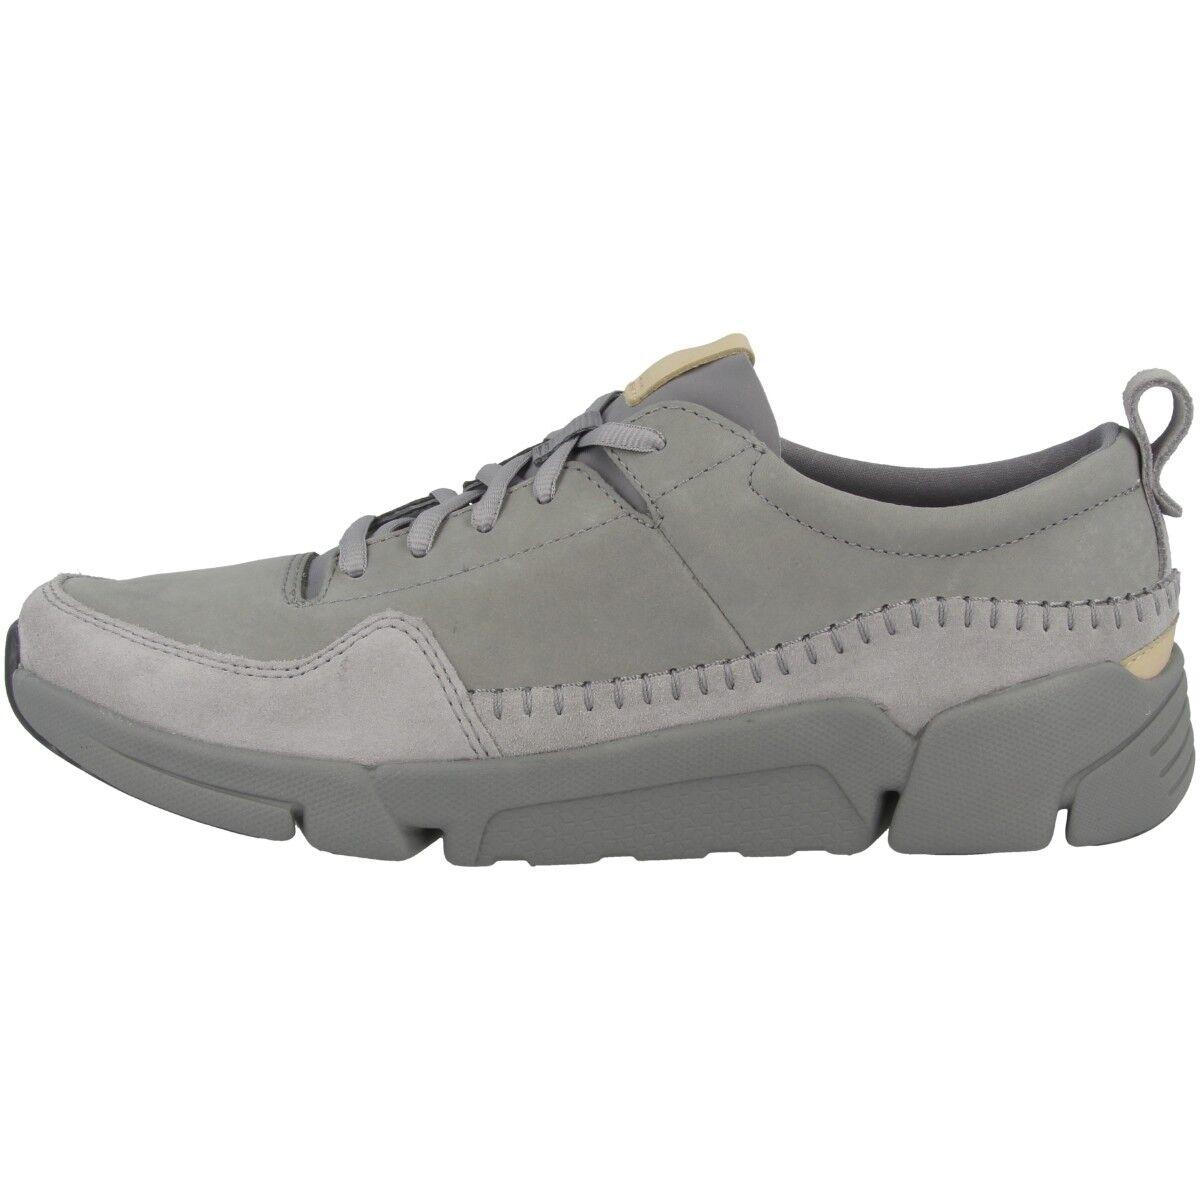 Clarks Tri Active Correr Zapatillas Deportivas Hombre Calzado Deportivo